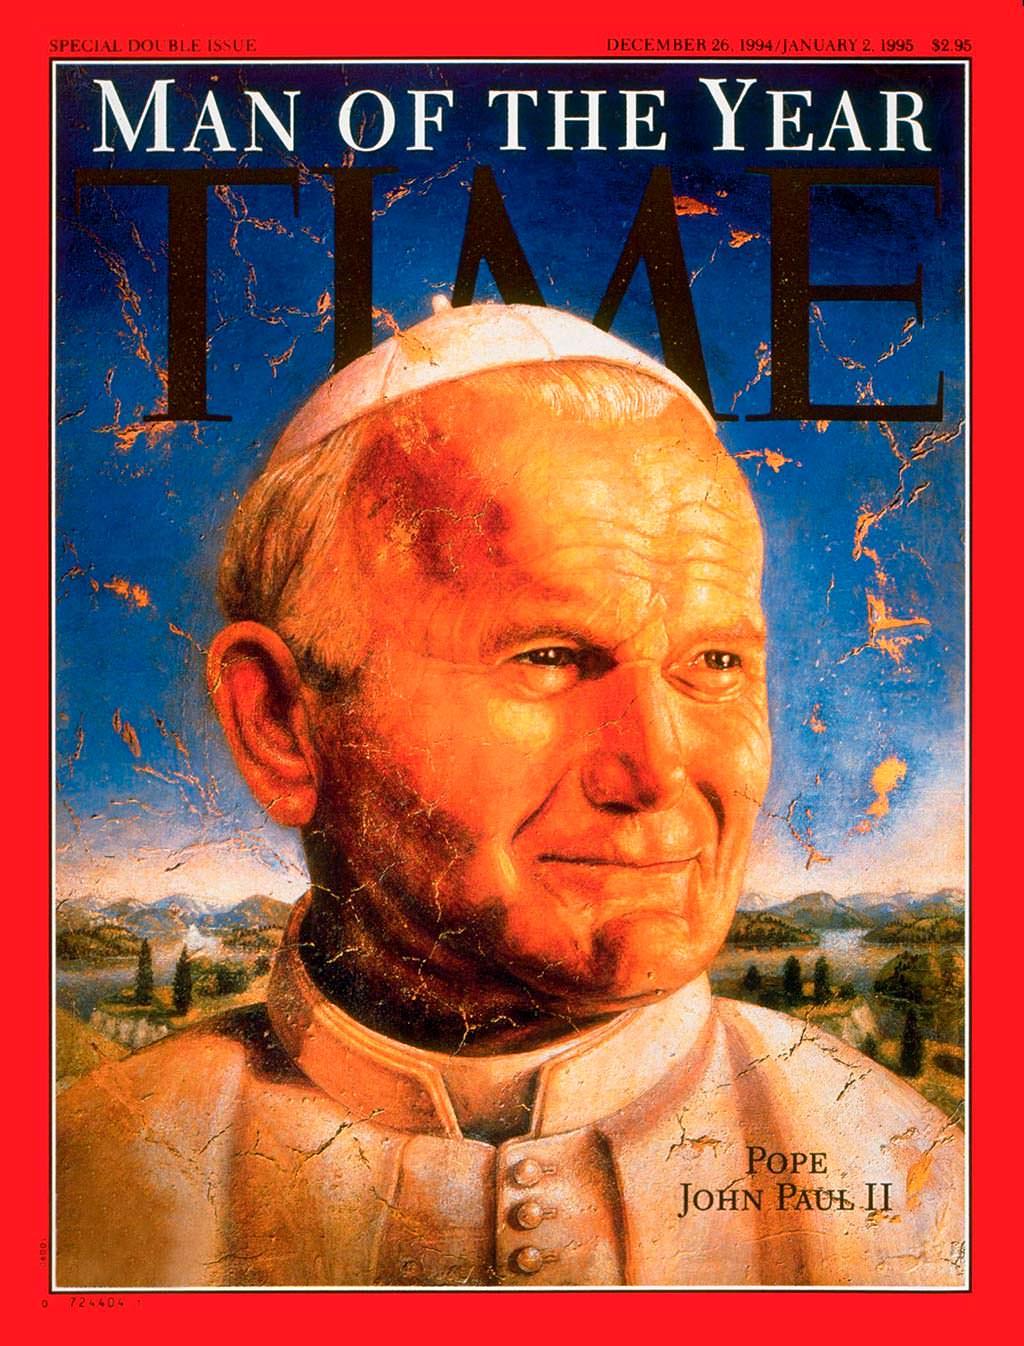 1994 год. Папа Римский Иоанн Павел II на обложке Time